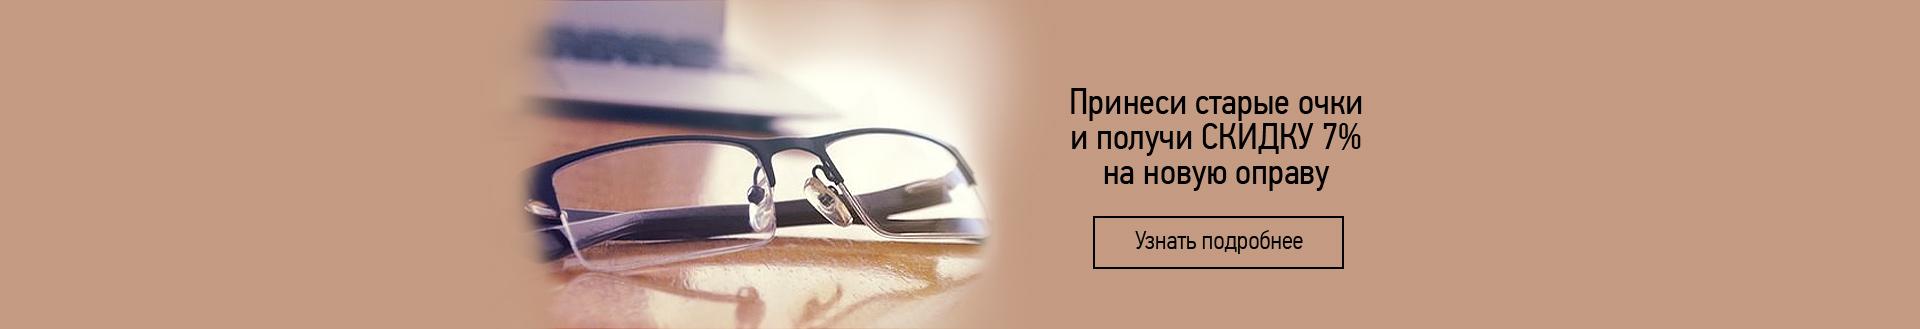 Какие очки нужны для коррекции близорукости